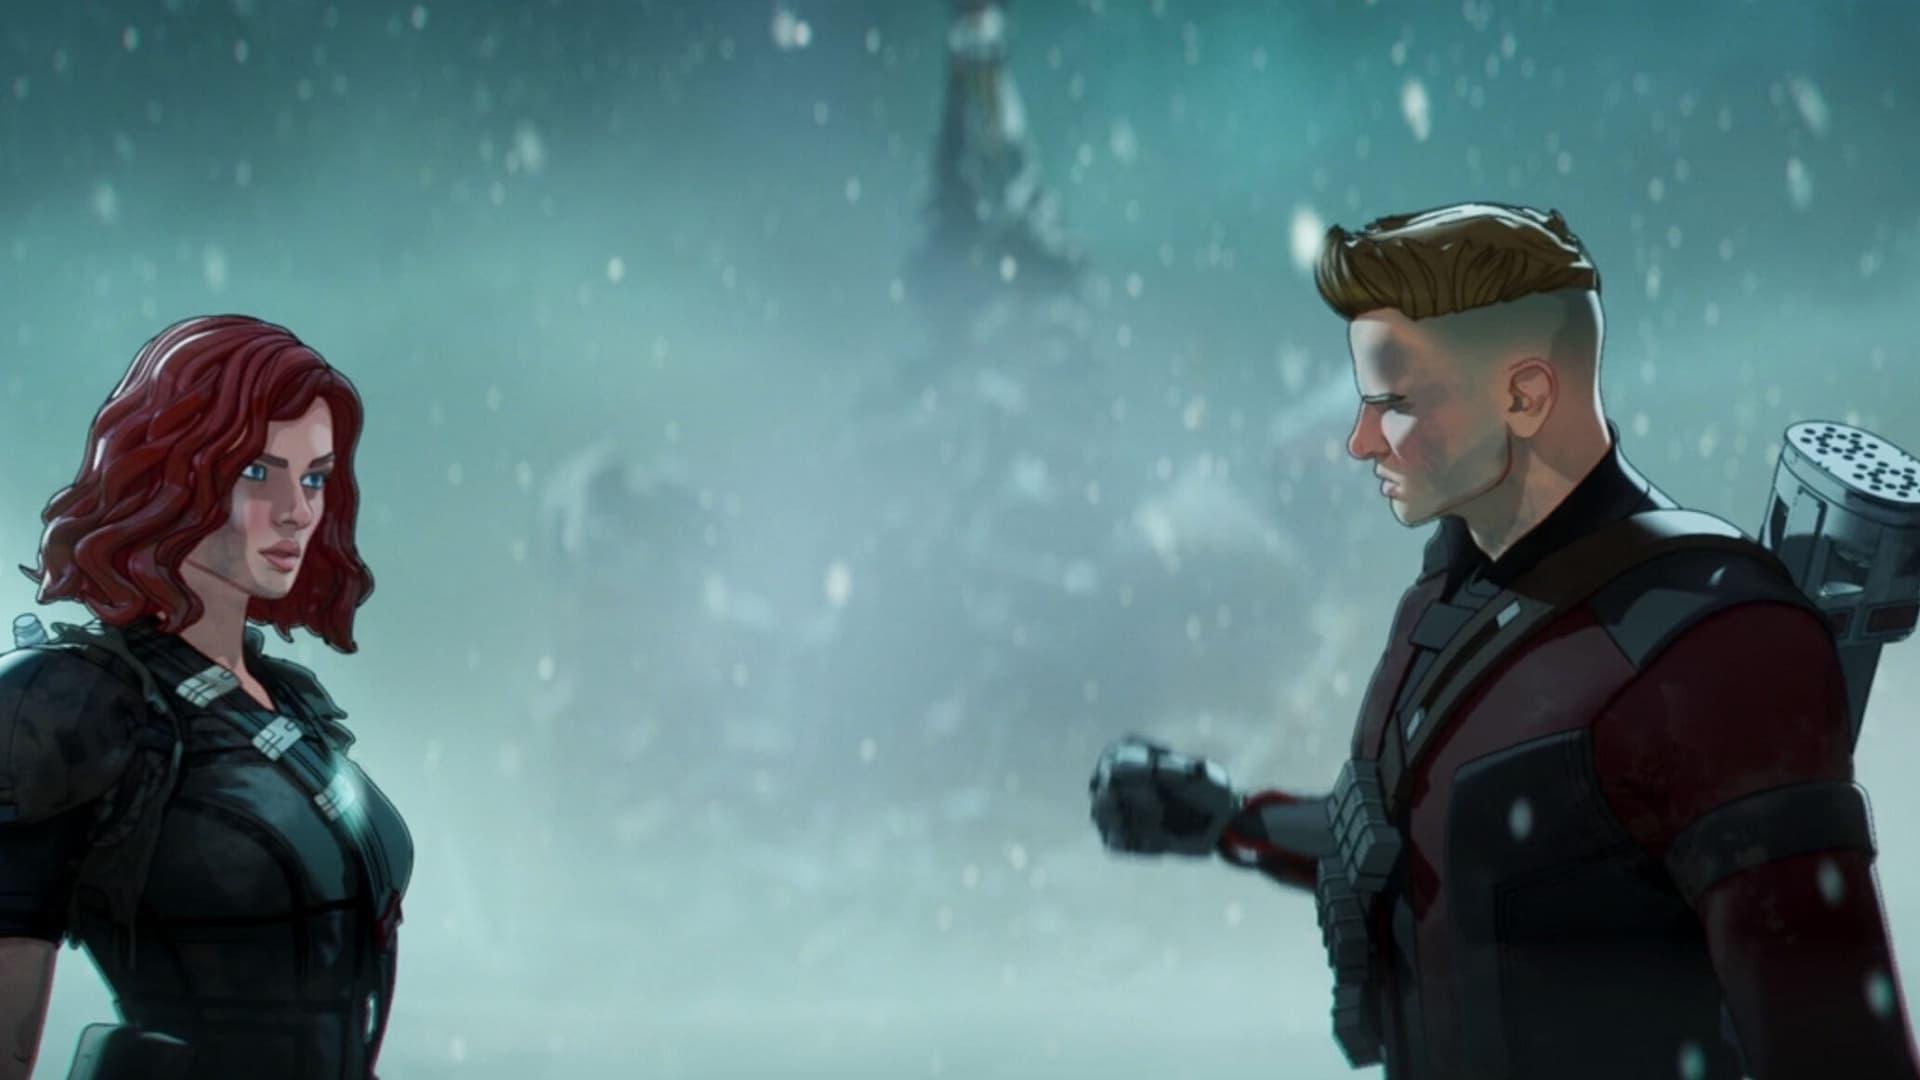 REVIEW Episodio 8 de What If: el apocalipsis de Ultron en Disney Plus